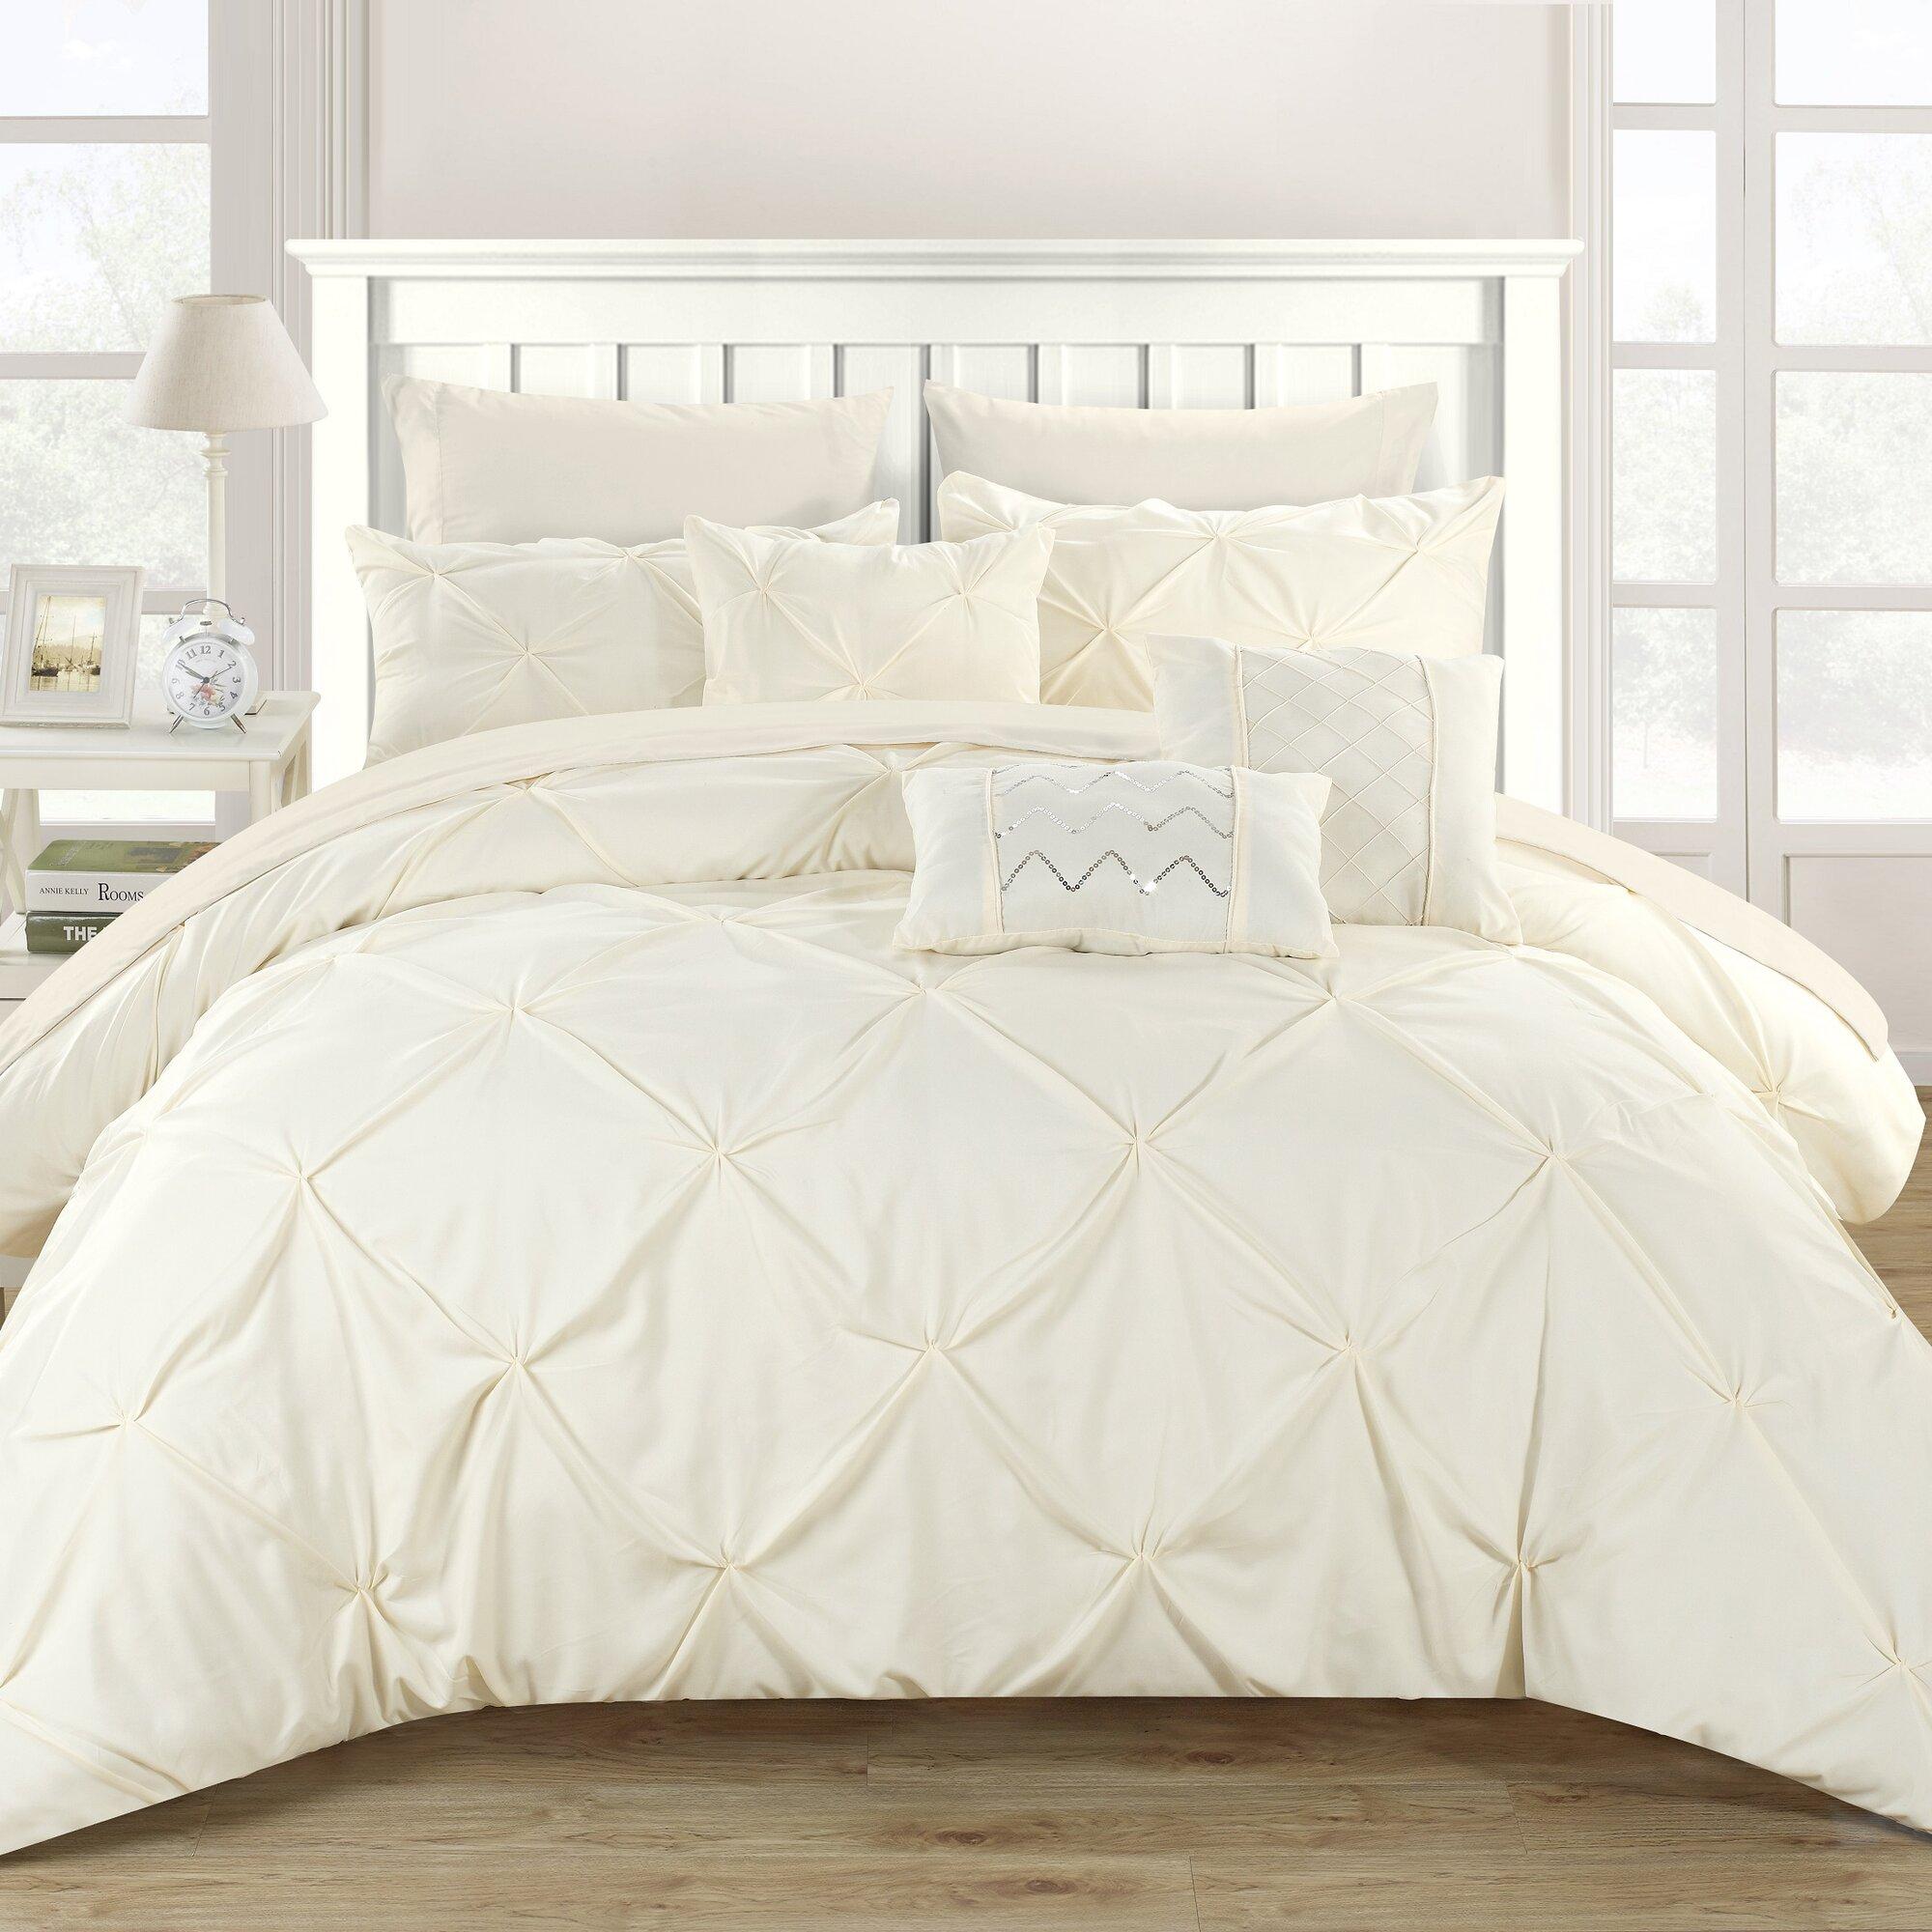 machine washable comforters - washable comforter sets